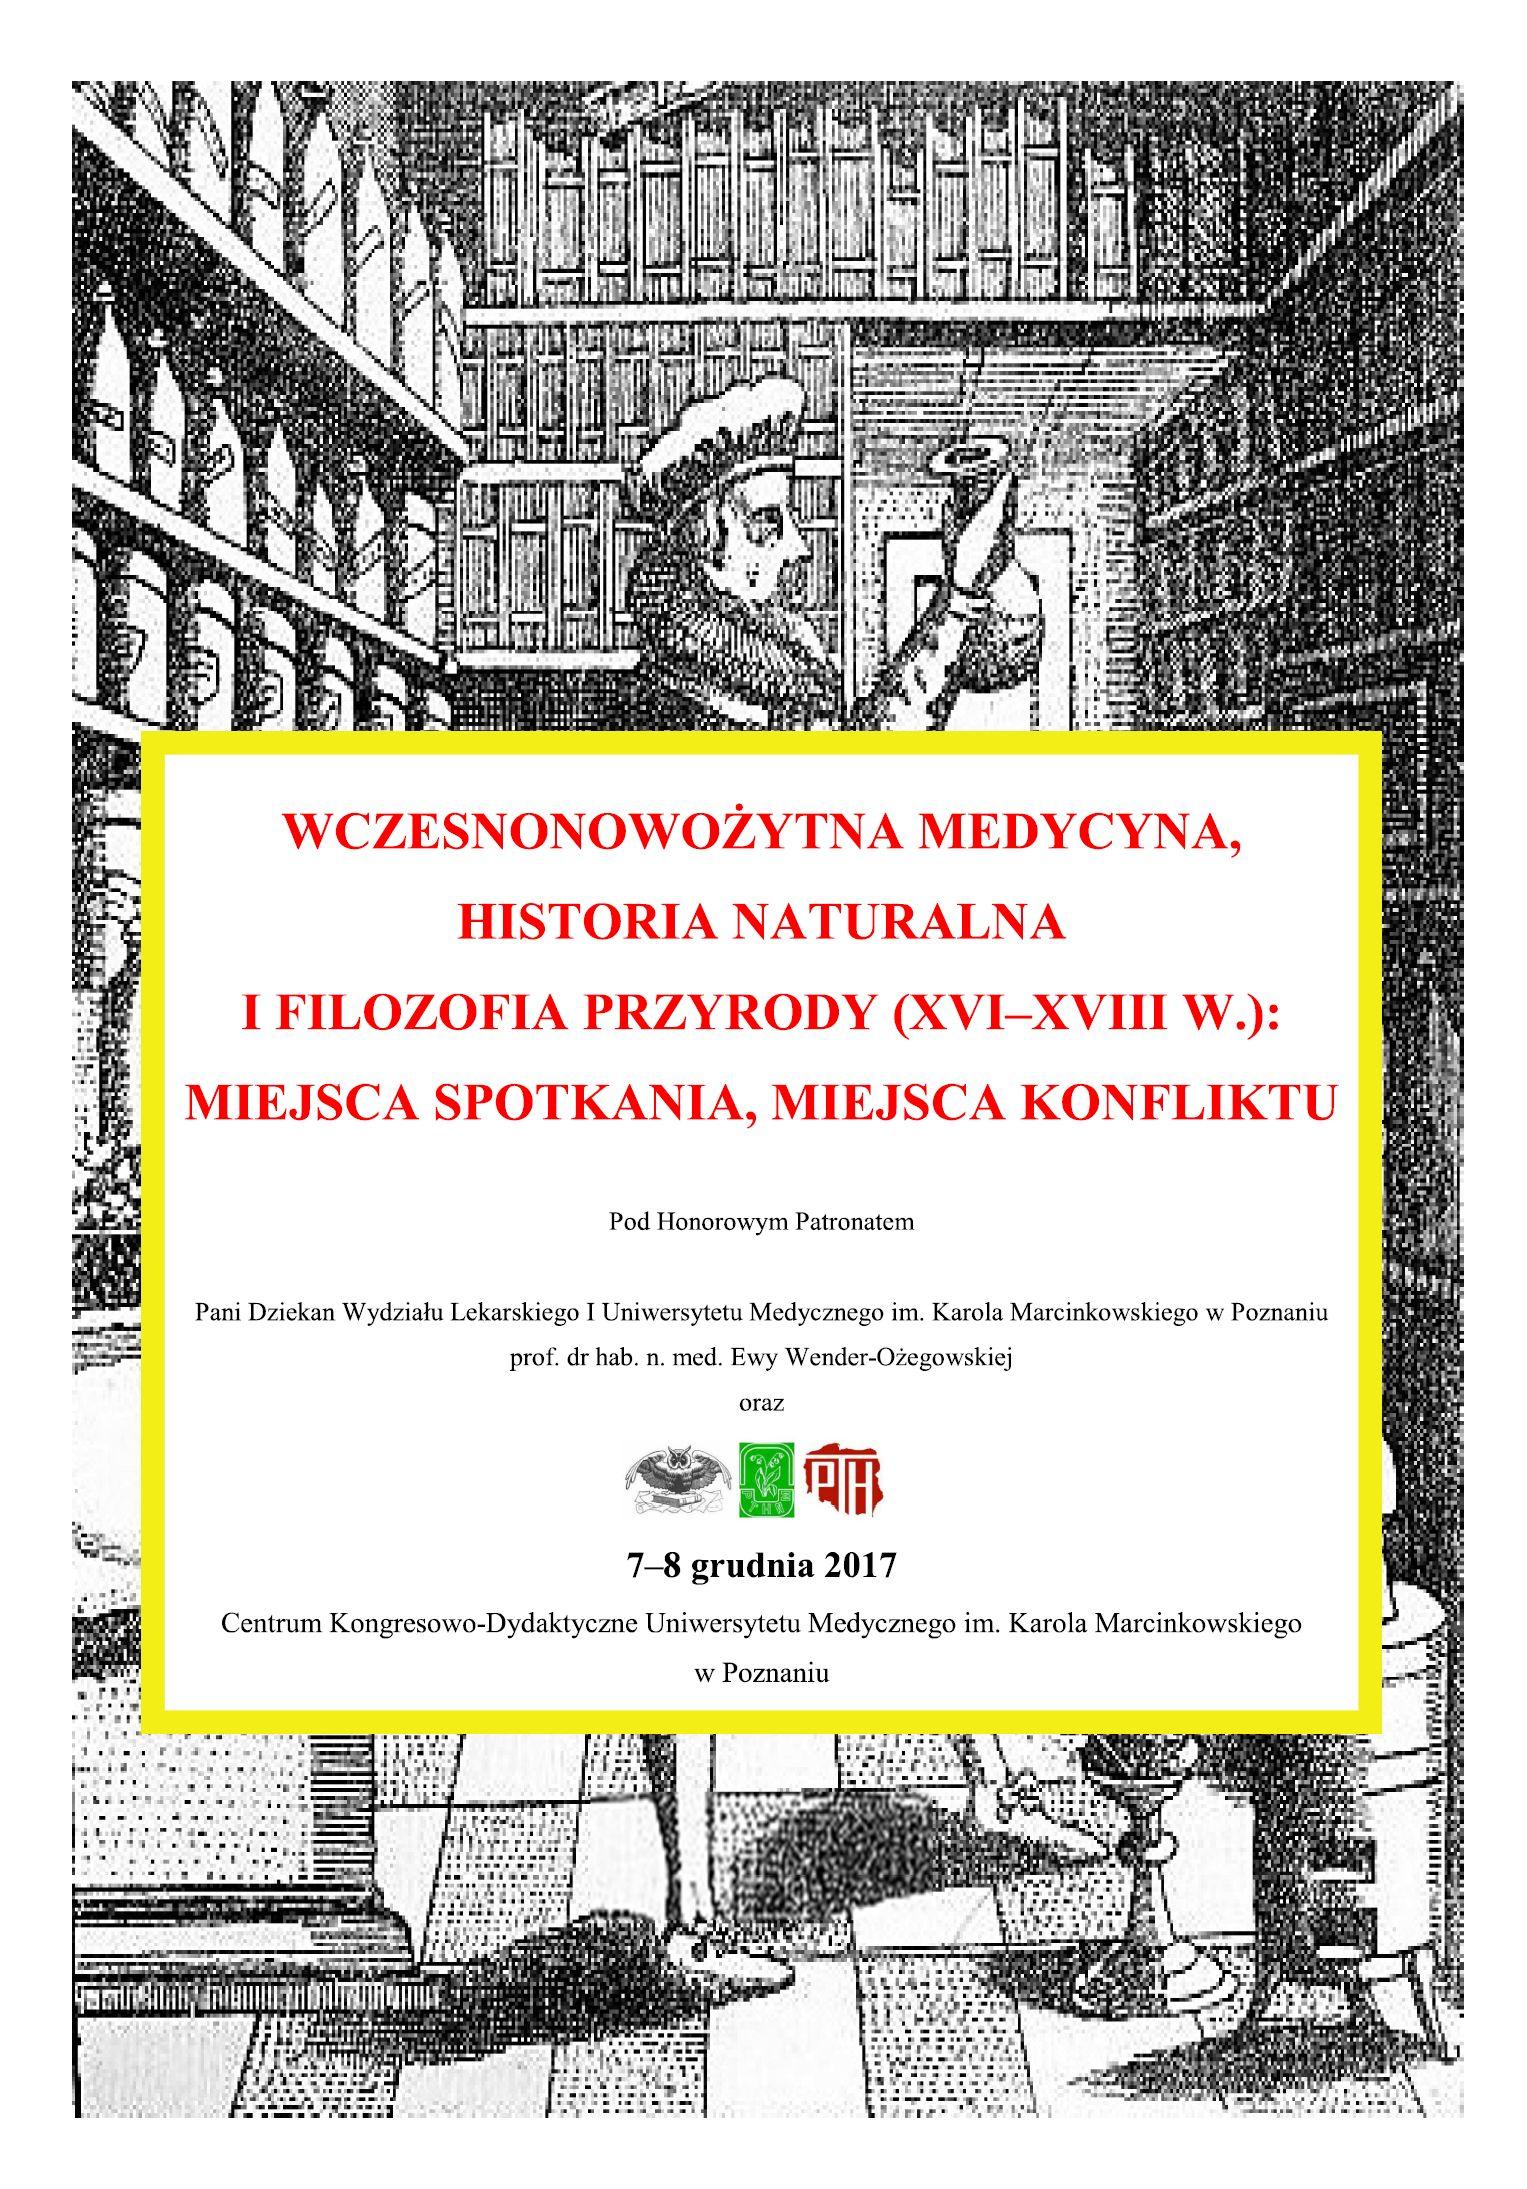 Wczesnonowożytna medycyna, historia naturalna ifilozofia przyrody (XVI–XVIII w.): miejsca spotkania, miejsca konfliktu,